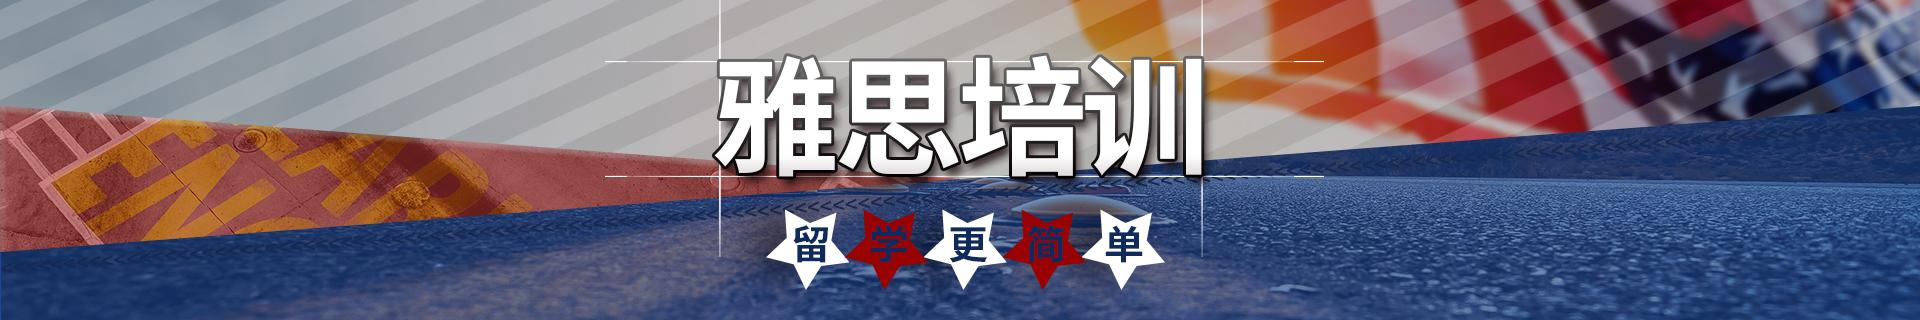 合肥长江中路新航道英语培训